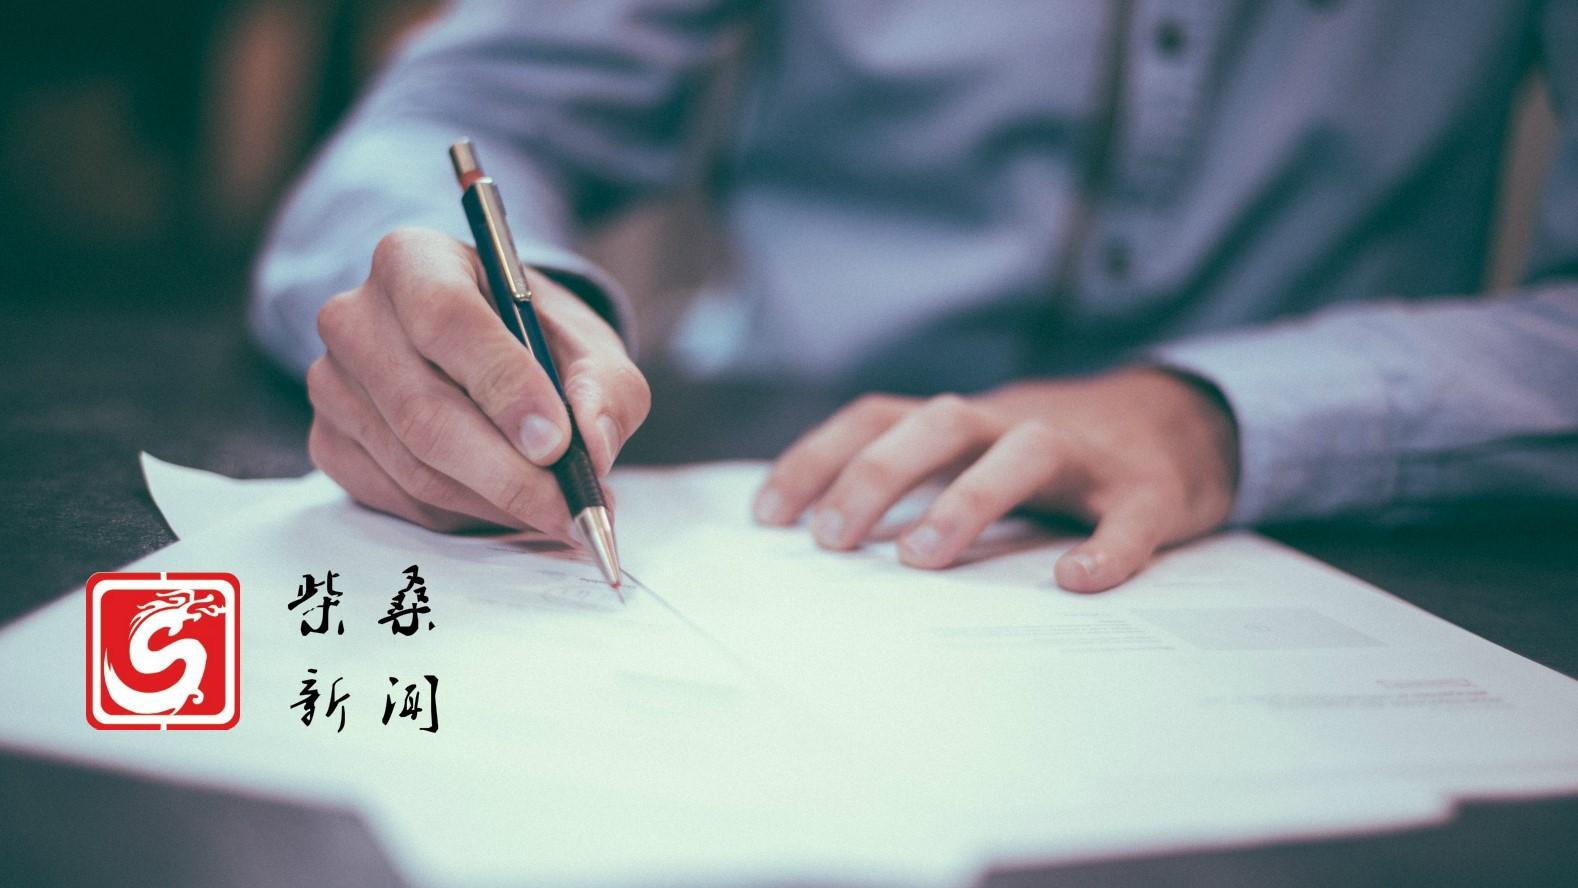 【柴桑业绩】我所提供法律服务的瑞昌市某公司项目审核通过